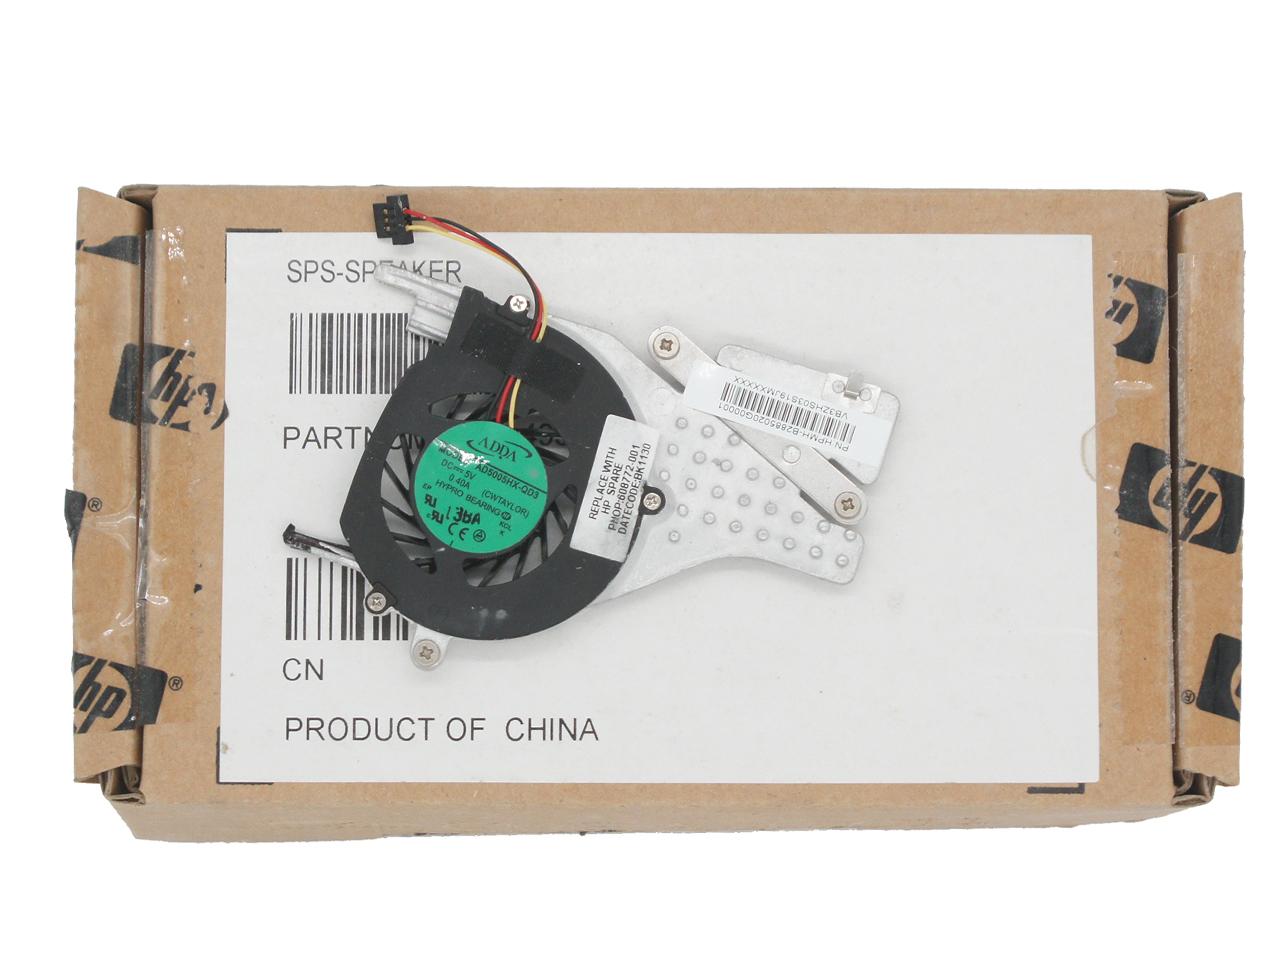 惠普HP MINI CQ10 210-1100 210 210-1000 DFS300805M10T F91R 608772-001 散热器 模组 风扇